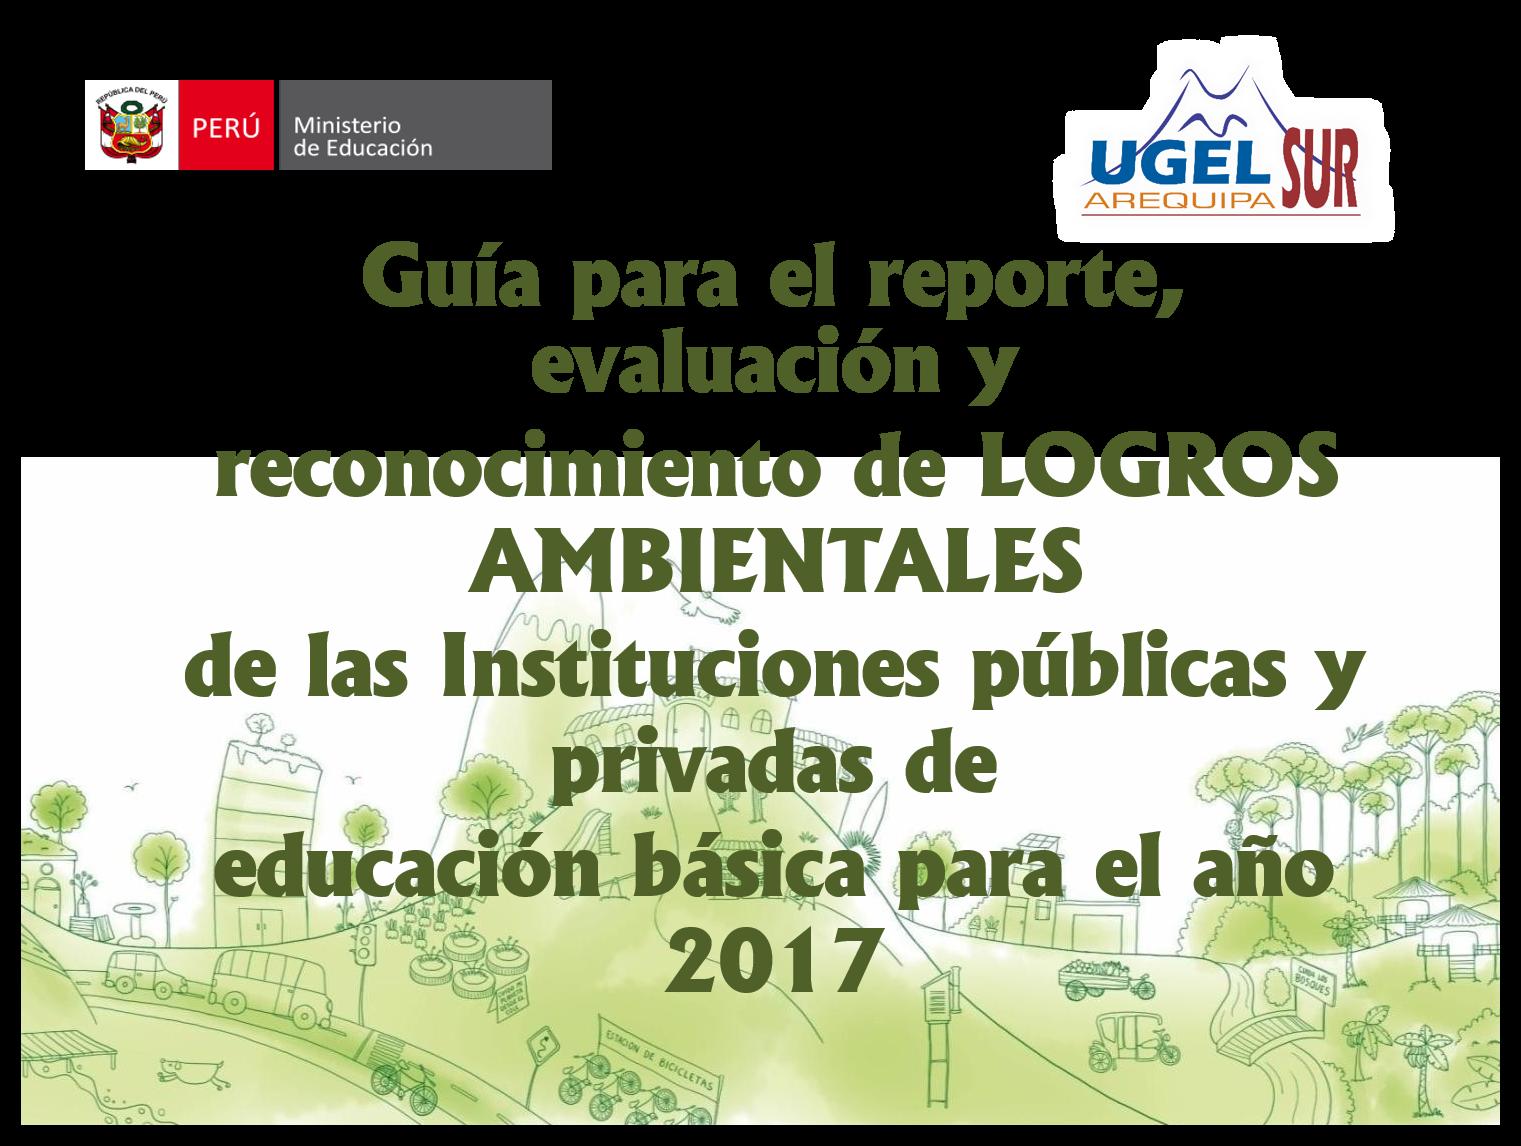 GUÍA PARA EL REPORTE, EVALUACIÓN Y RECONOCIMIENTO DE LOGROS AMBIENTALES